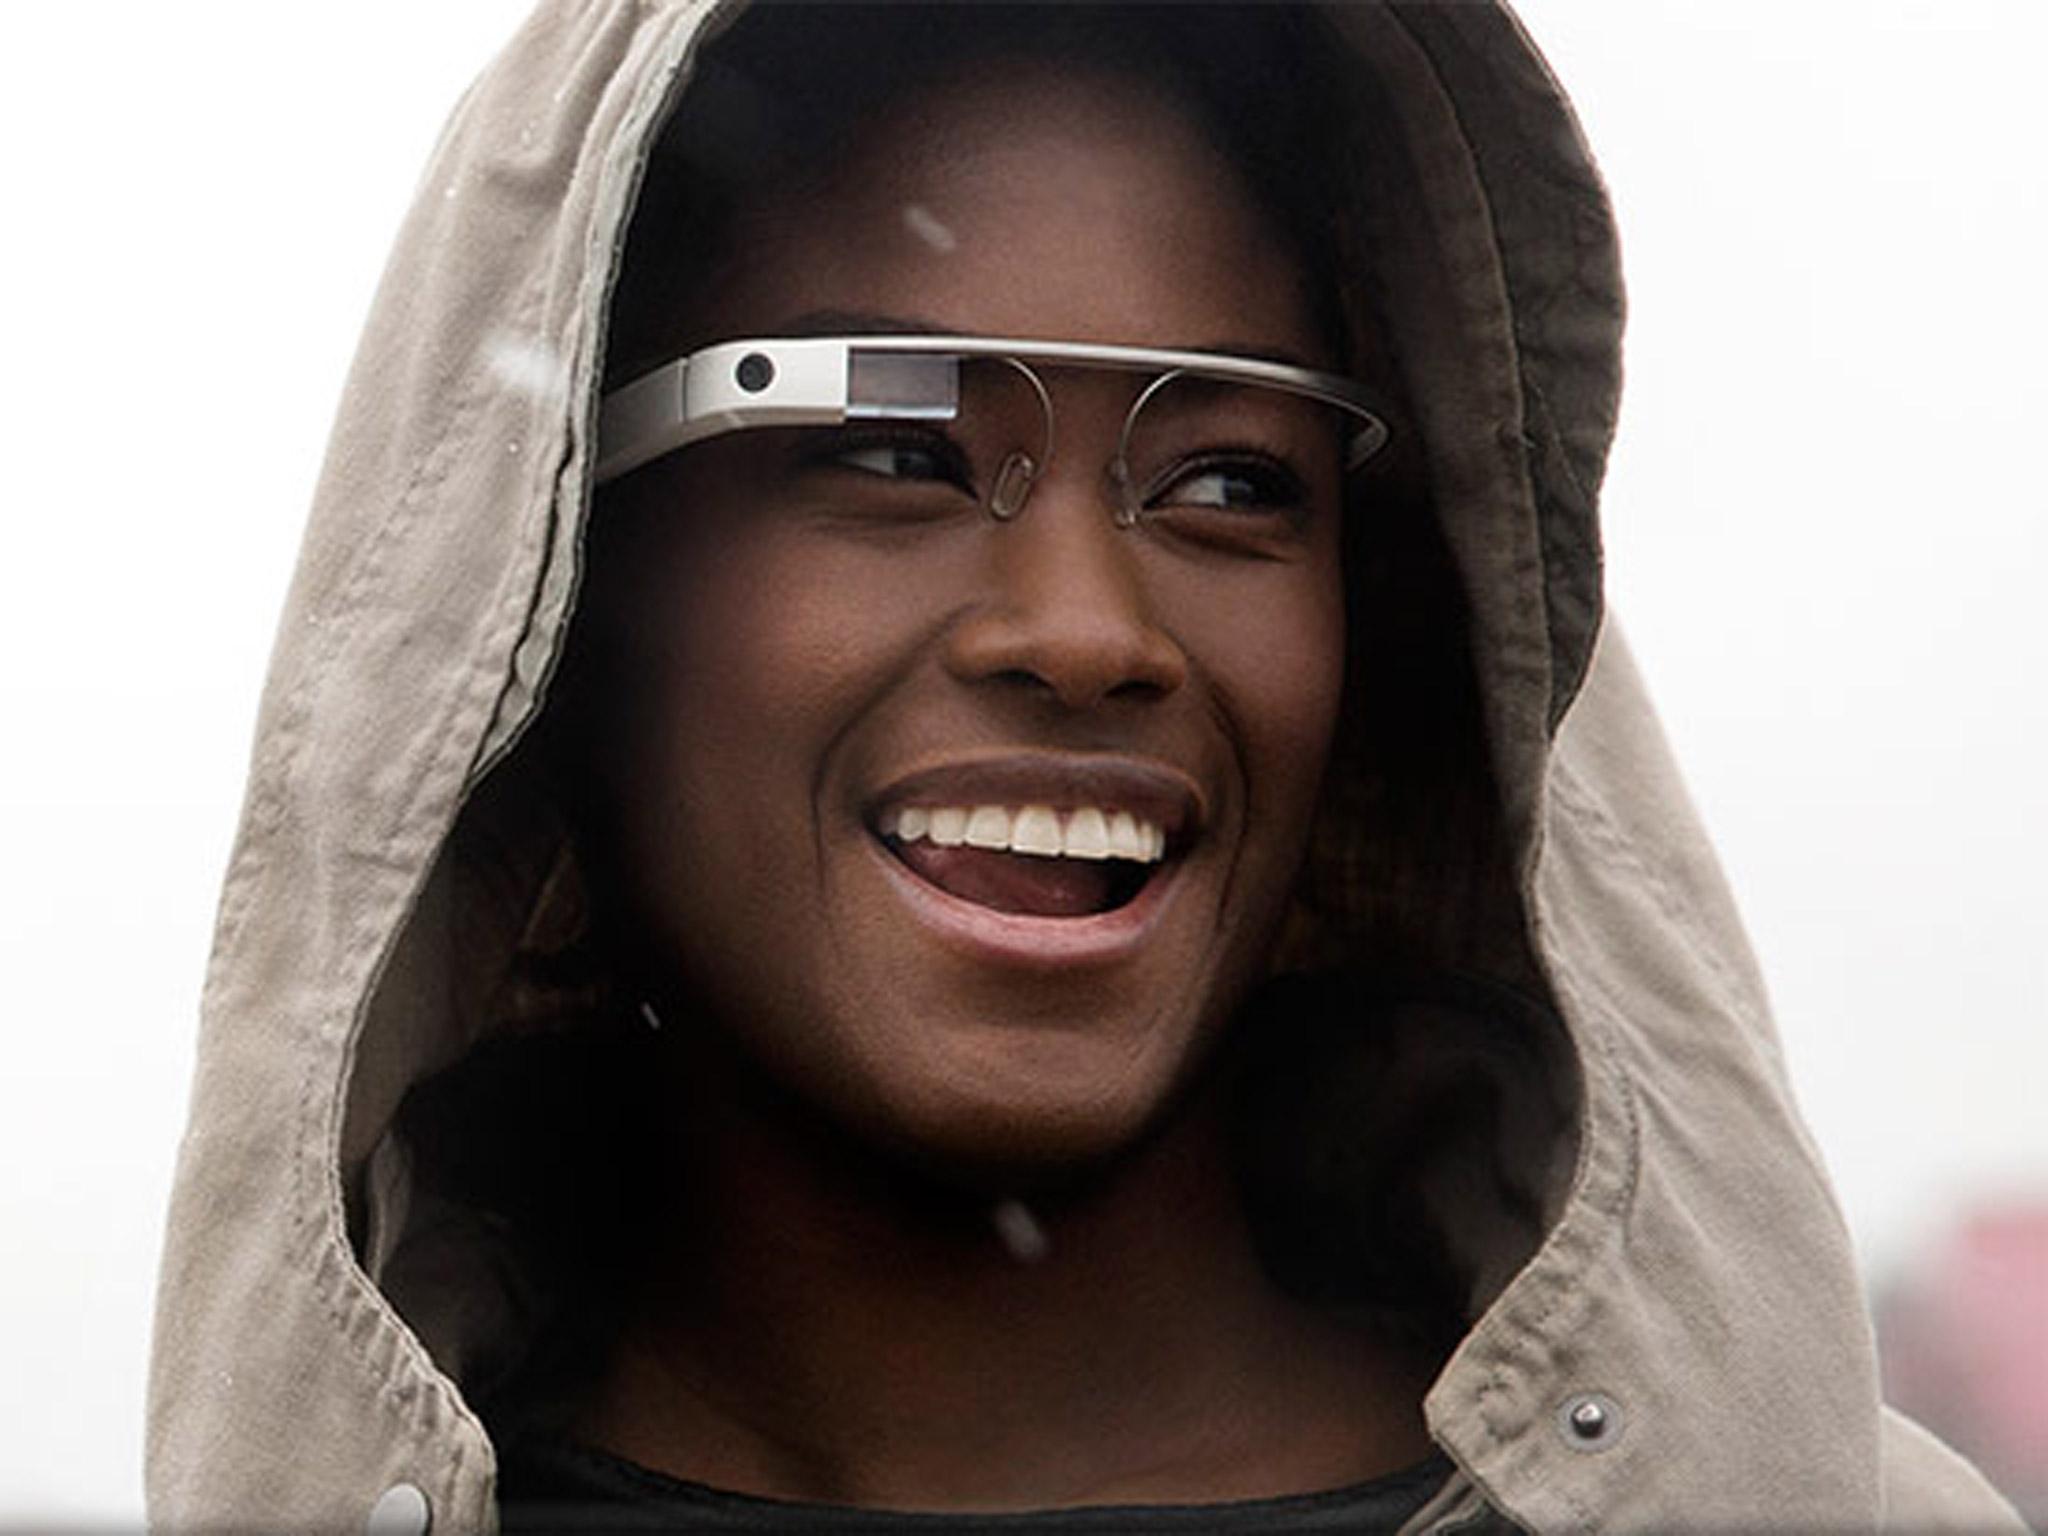 Google divulga vídeo sobre como será usar o Google Glass